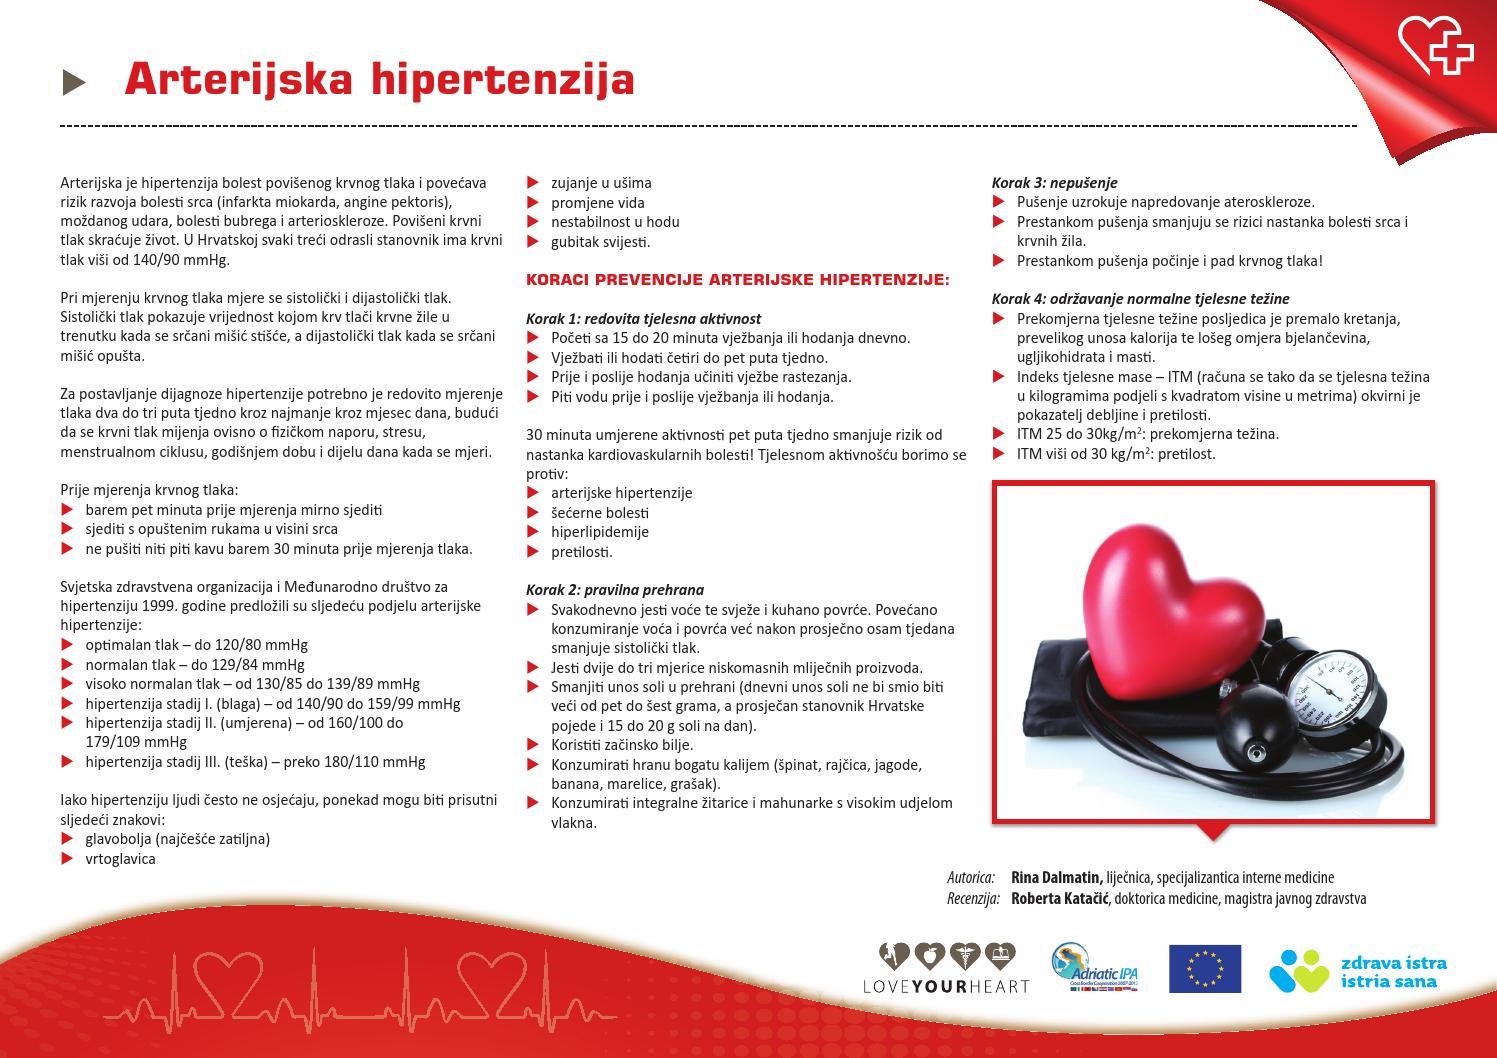 hipertenzija u 30 godina što učiniti)